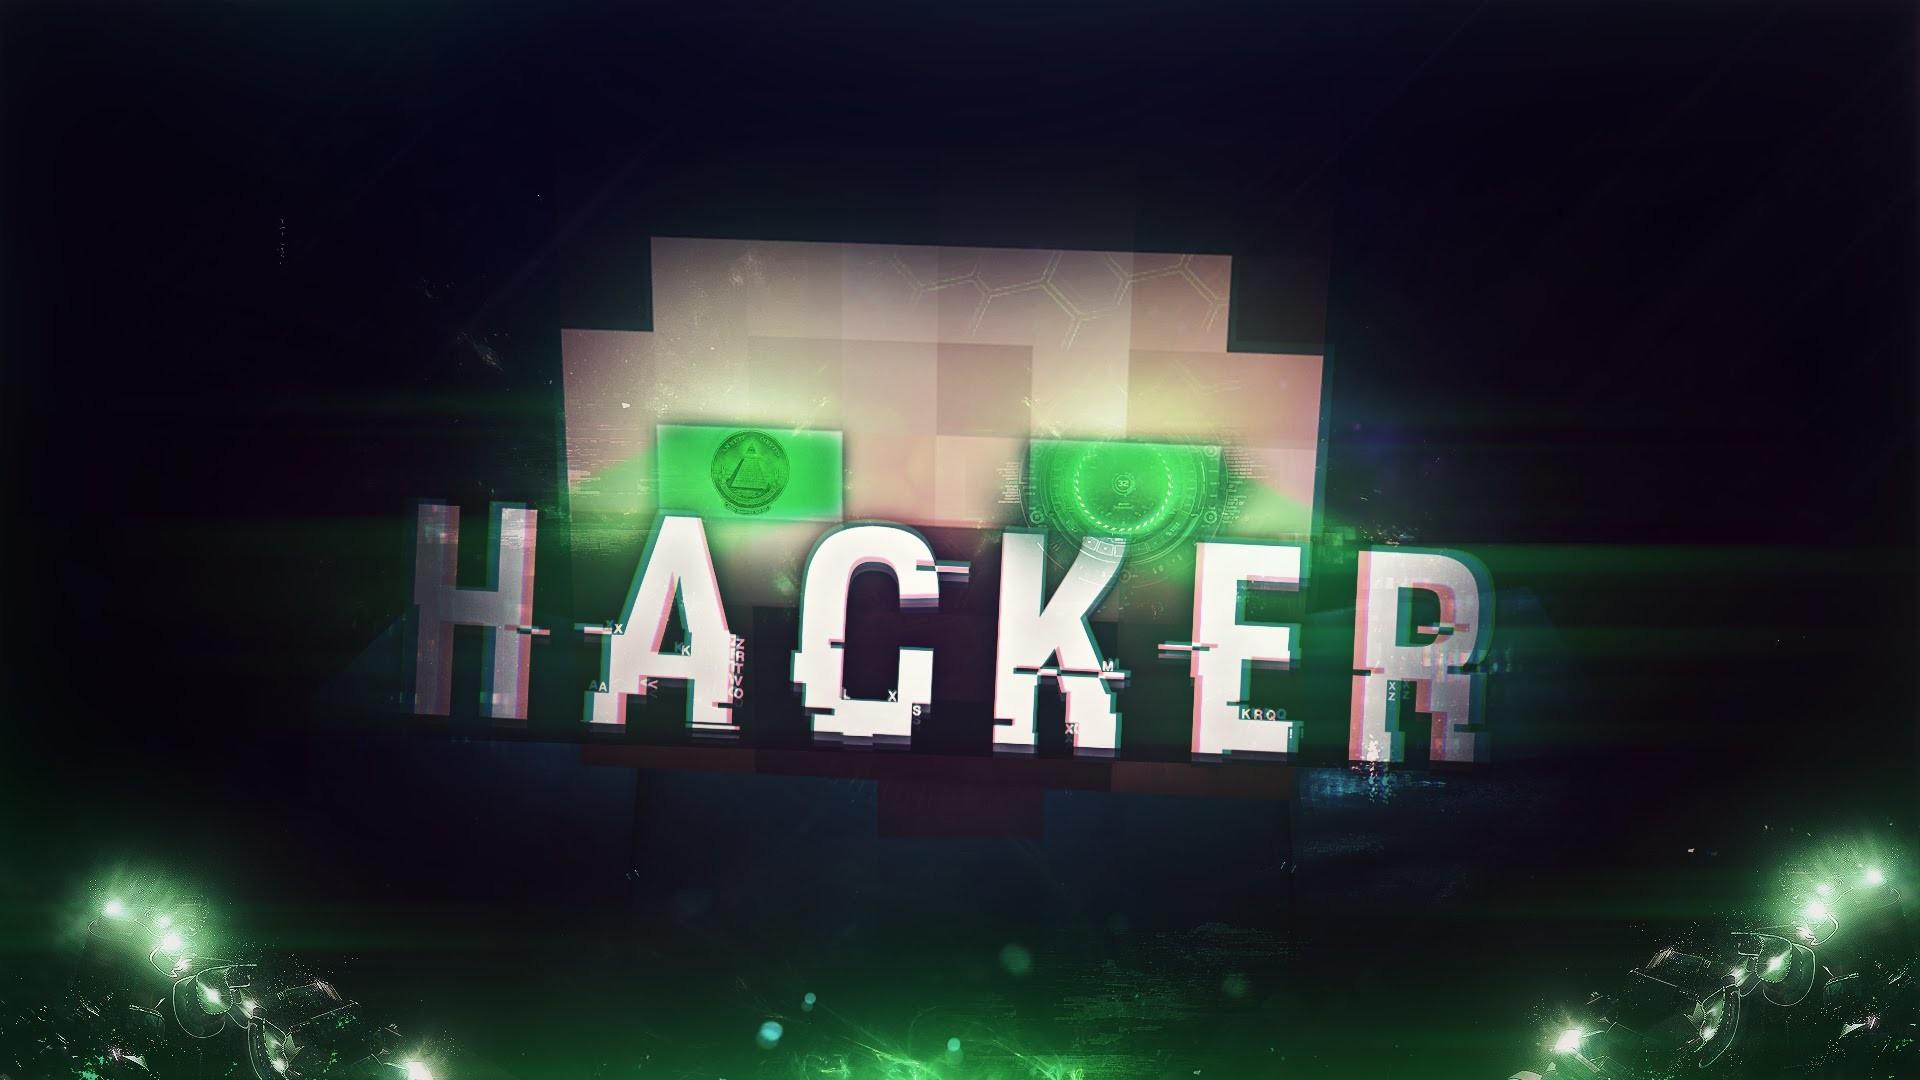 Hình nền Hacker full HD đẹp cho máy tính , điện thoại của bạn